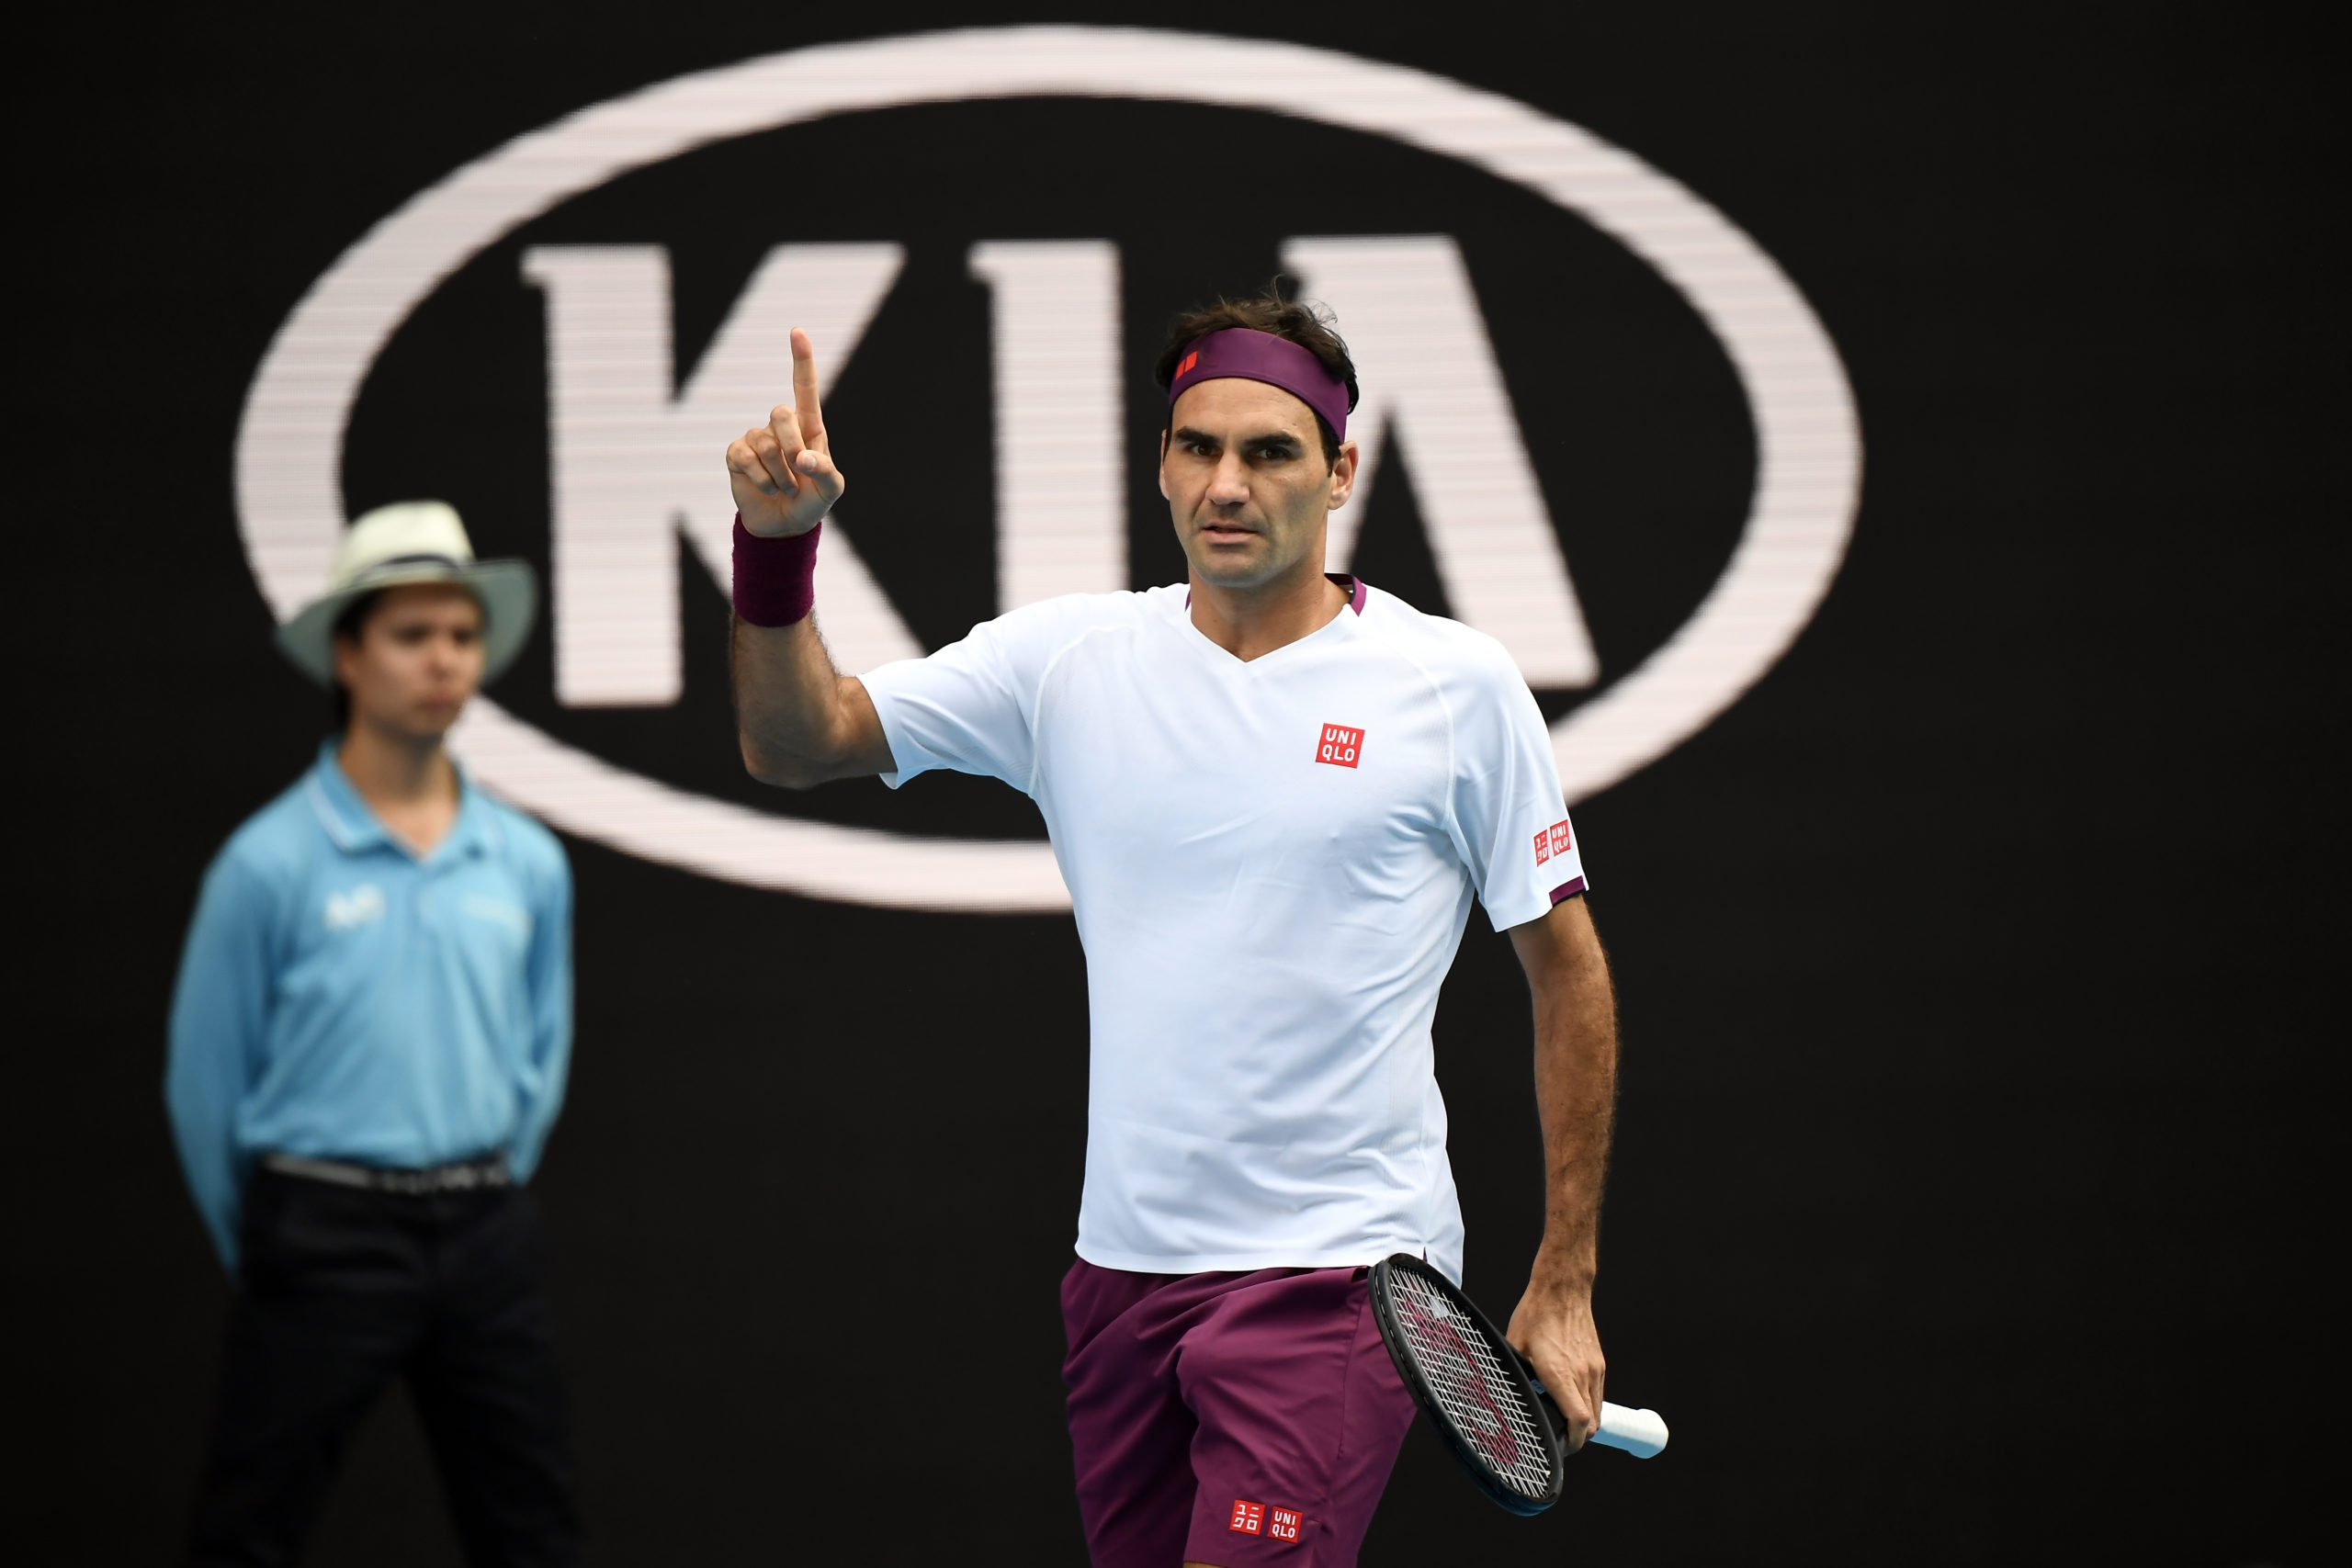 Mimo roku bez gry Federer utrzyma się w czołowej dziesiątce